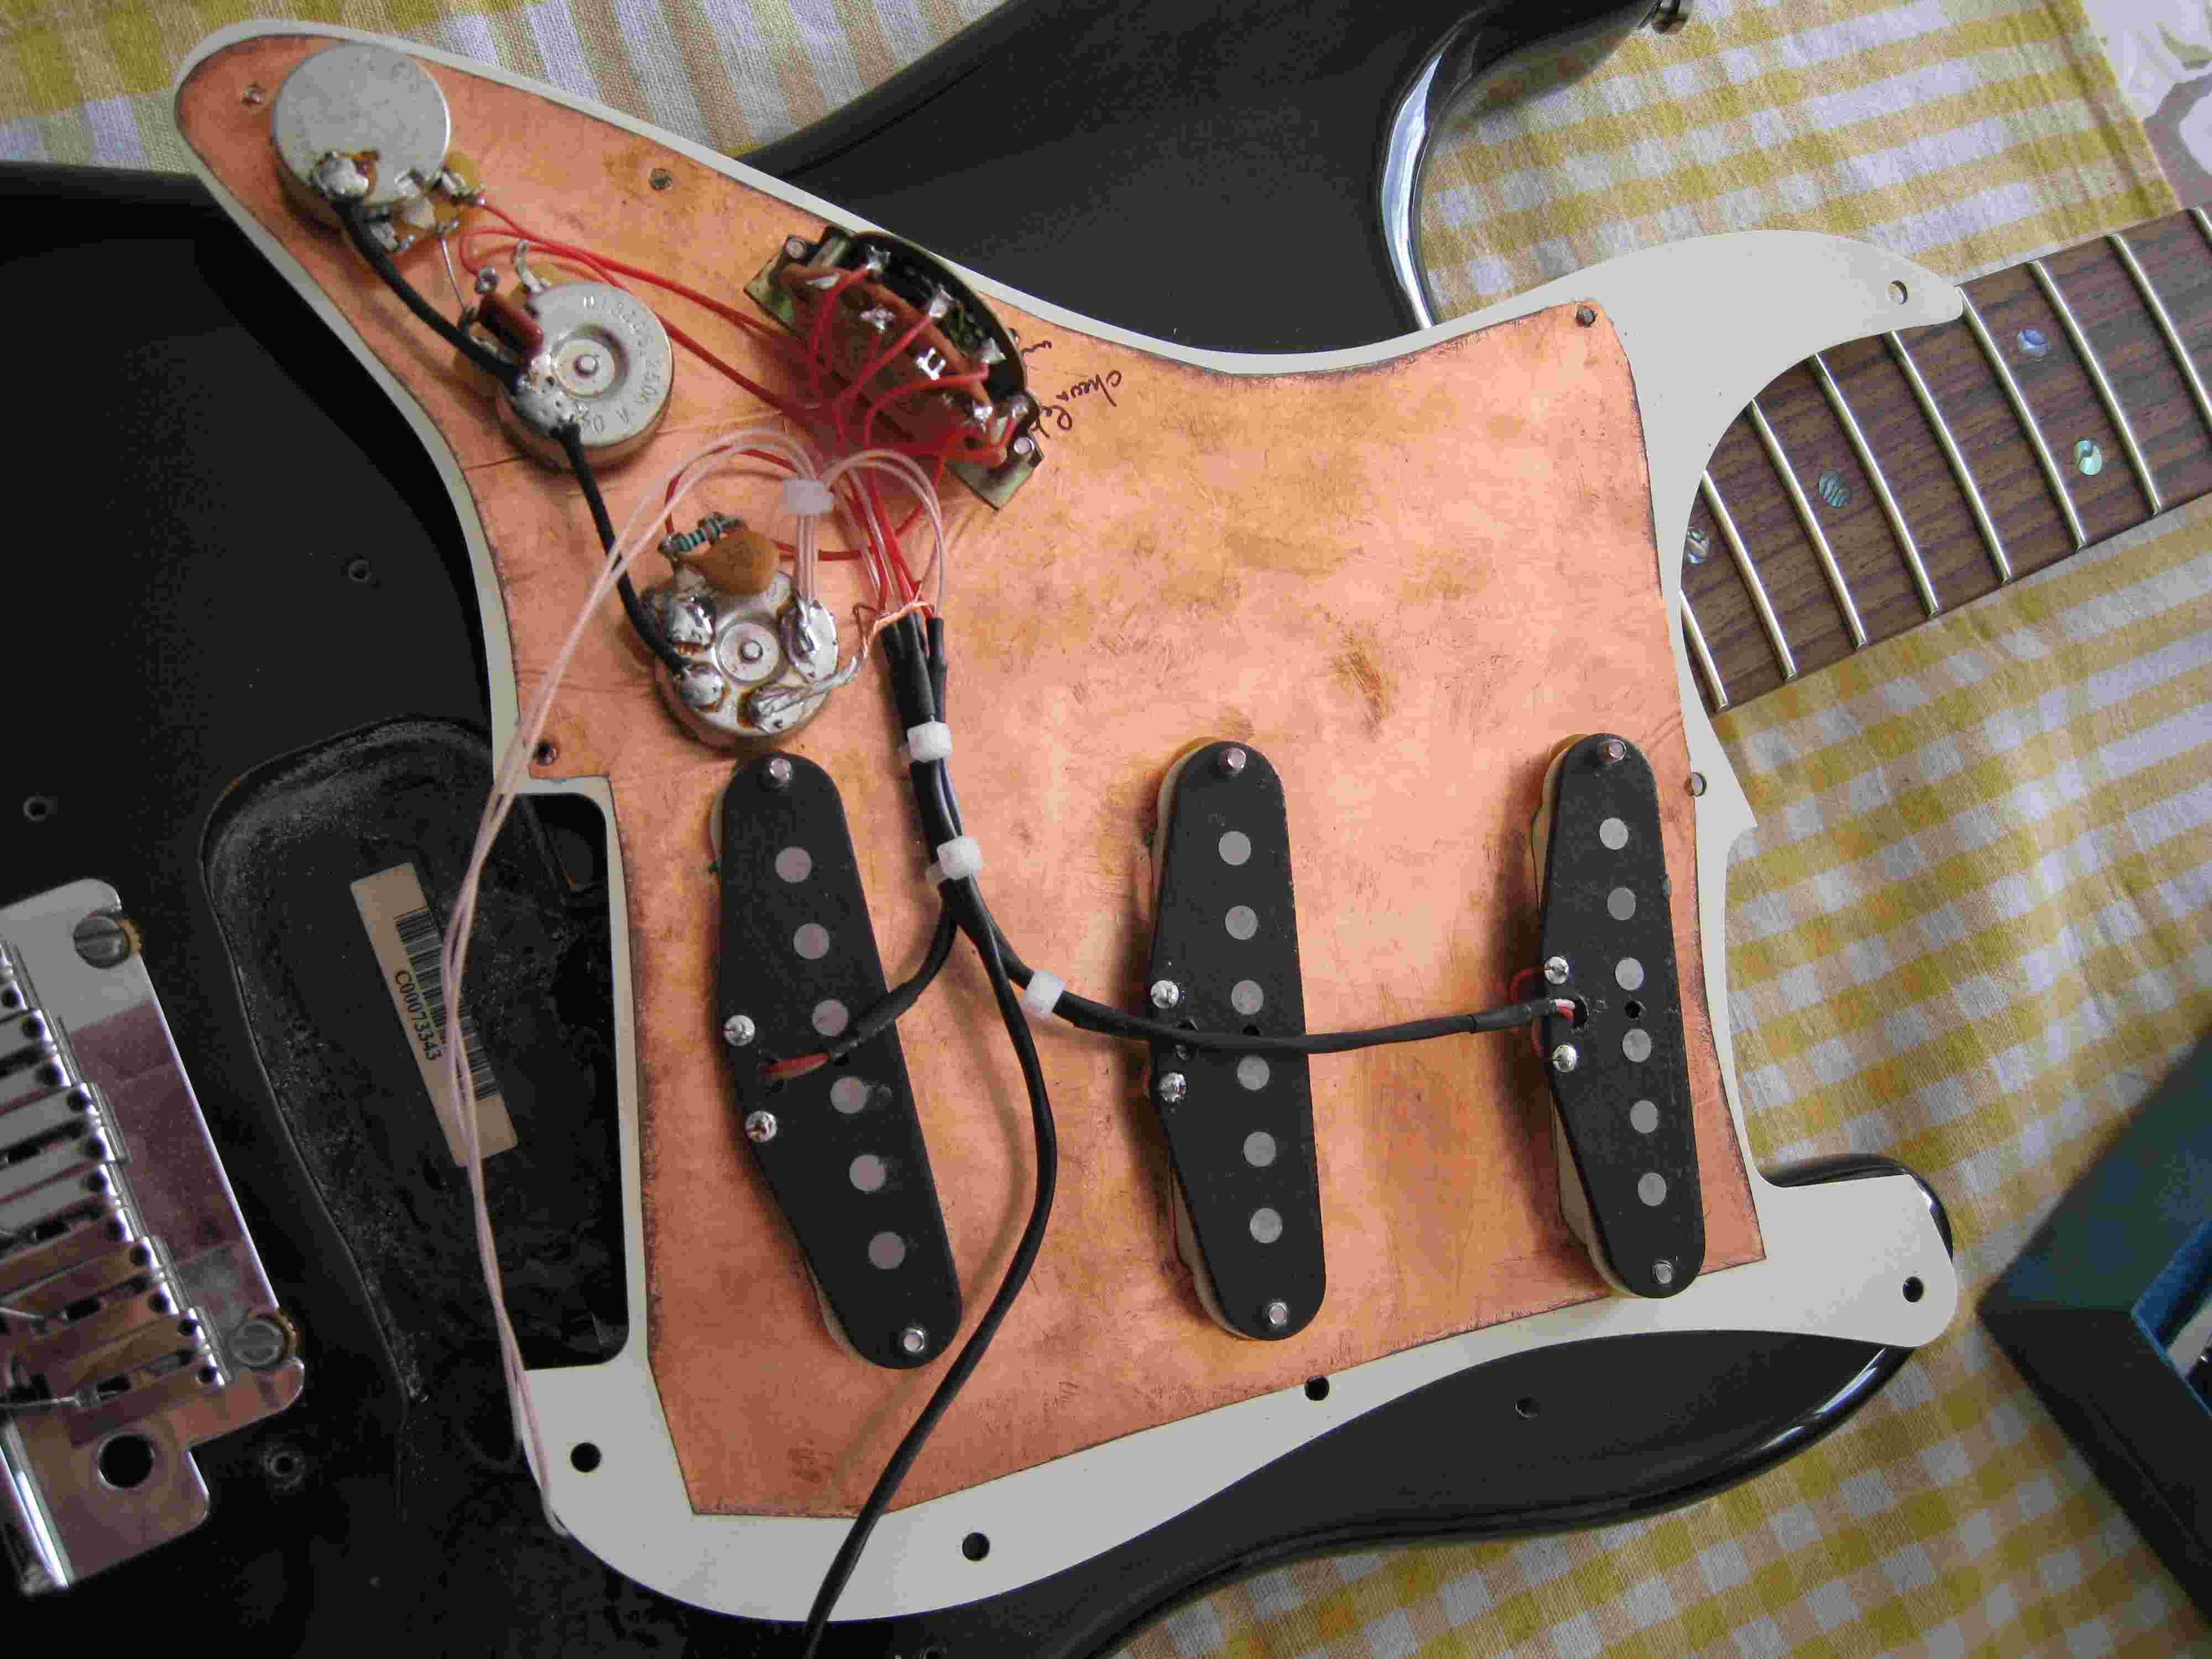 fender original 39 57 39 62 stratocaster pickup set image 107703 audiofanzine. Black Bedroom Furniture Sets. Home Design Ideas